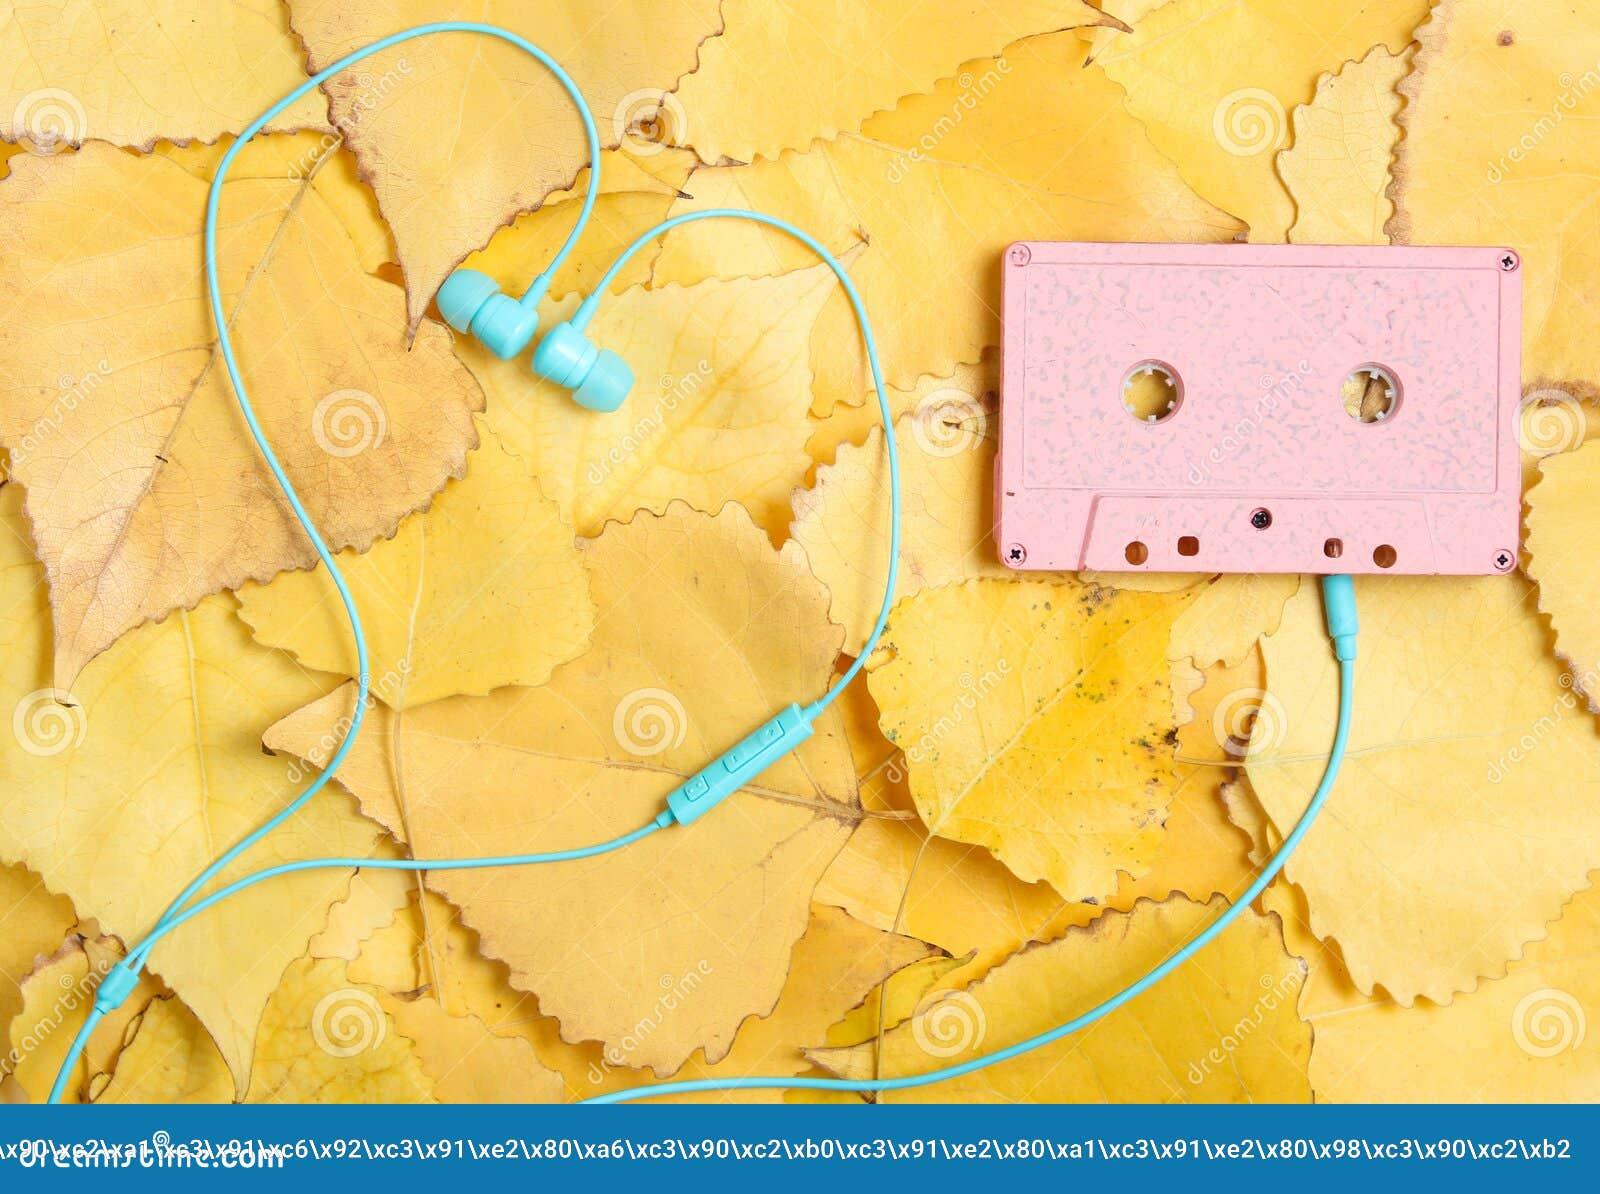 卡型盒式录音机和耳机在黄色落叶 顶视图 减速火箭的技术 秋天时间